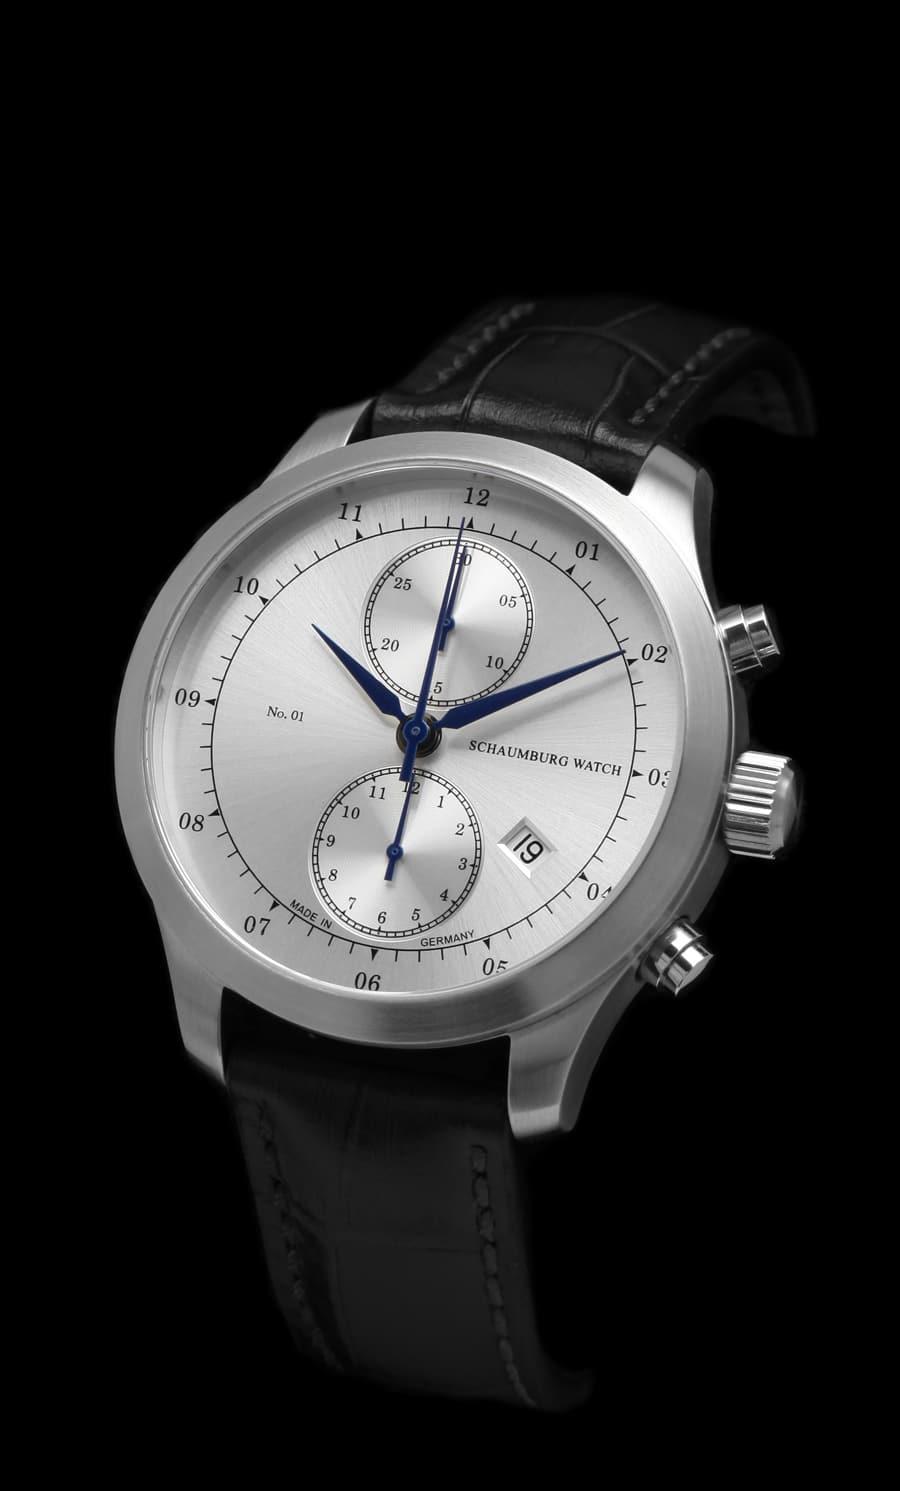 Schaumburg Watch: Chronograph No.01, silberfarbenes Zifferblatt